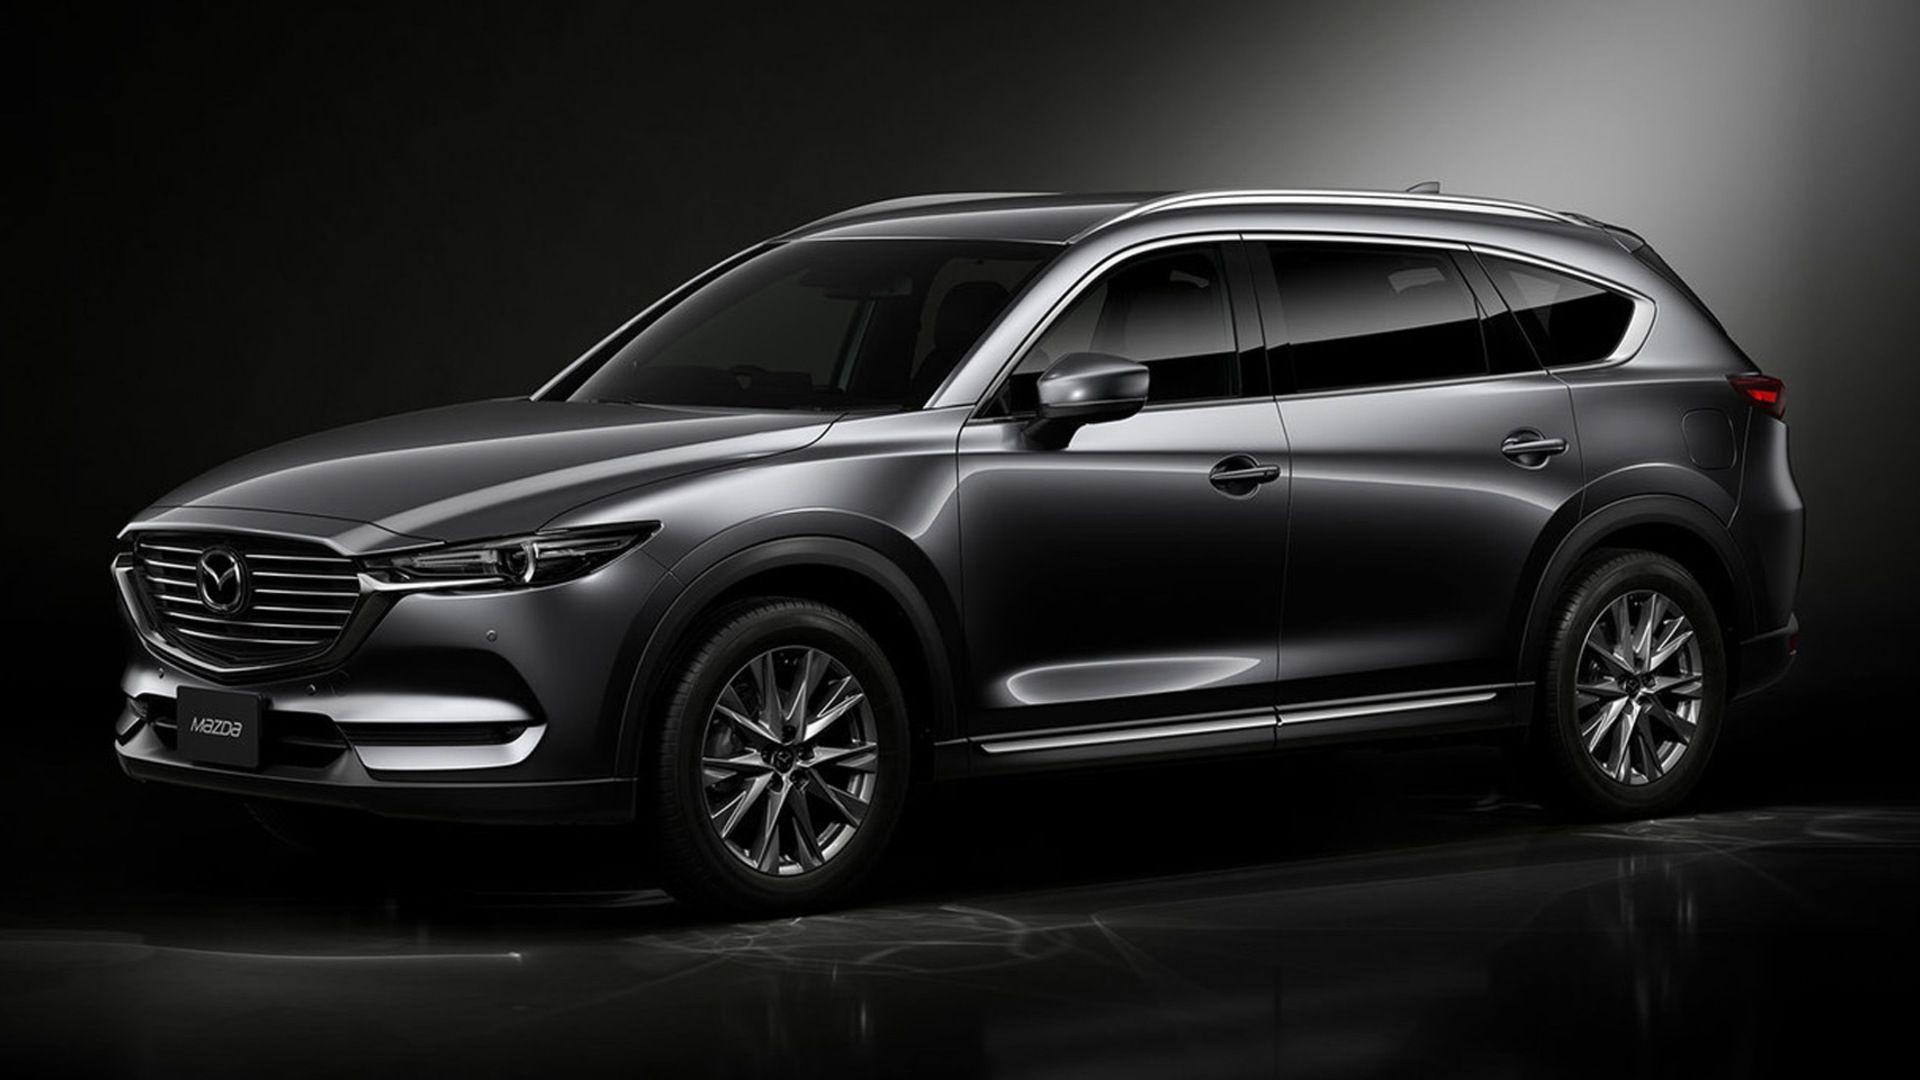 Mazda Cx 9 2021 di 2020 (Dengan gambar) Mobil, Mazda